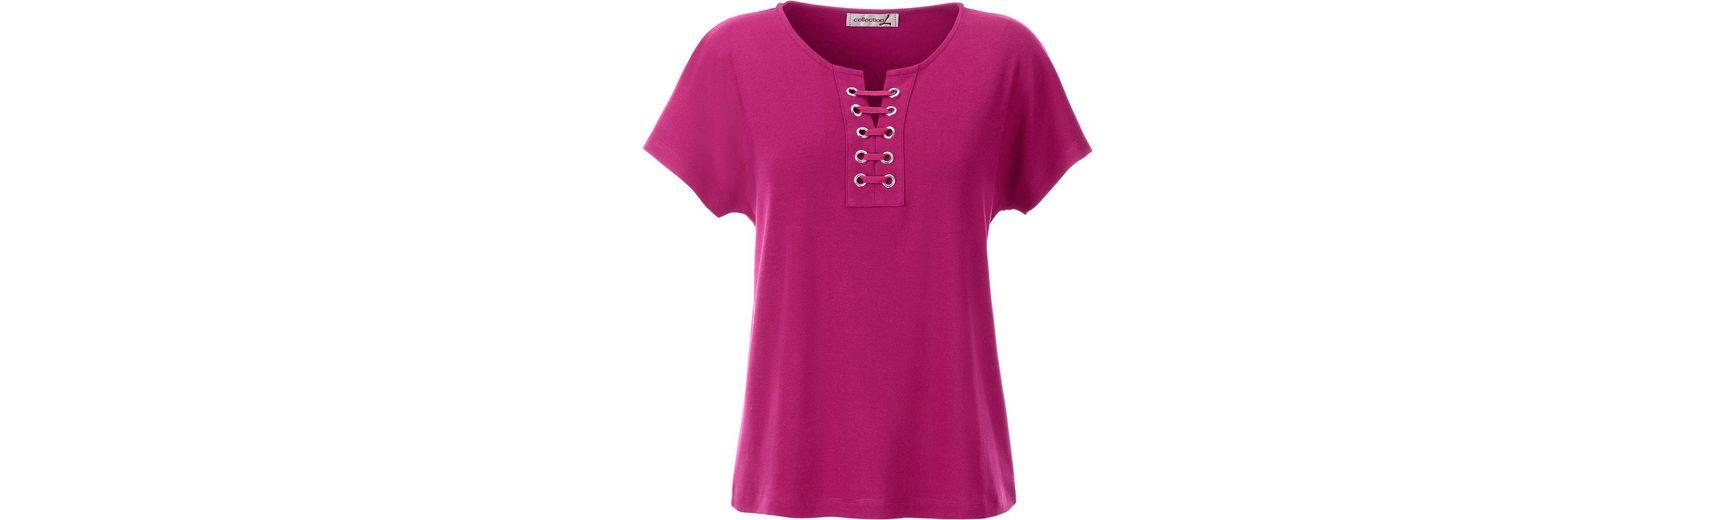 Collection L. Shirt mit lässig überschnittenen Schultern Brandneues Unisex Günstiger Preis crQQUBtmO